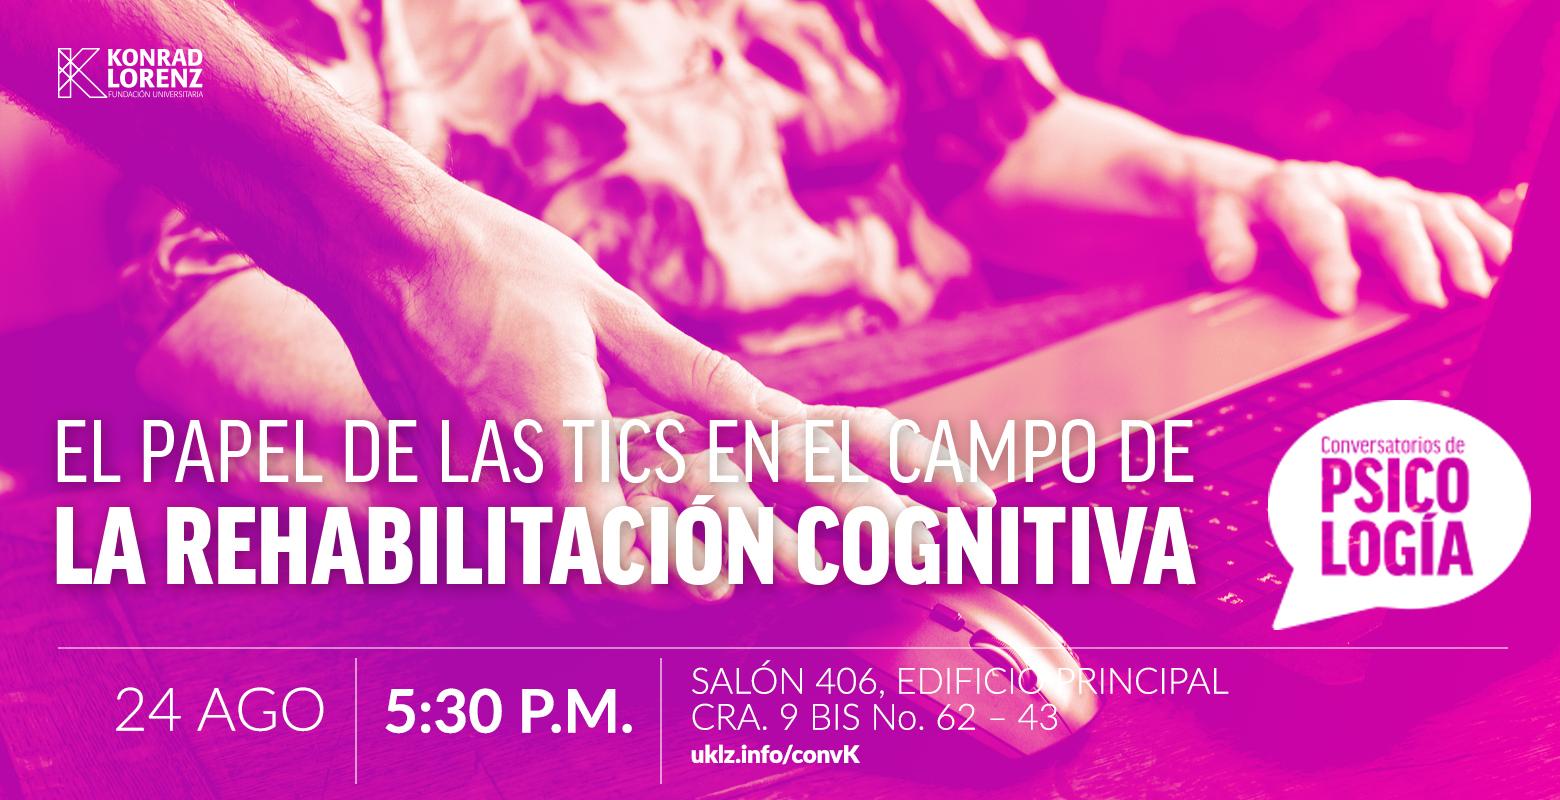 Conversatorio: El papel de las TICs en el campo de la rehabilitación cognitiva | Psicología